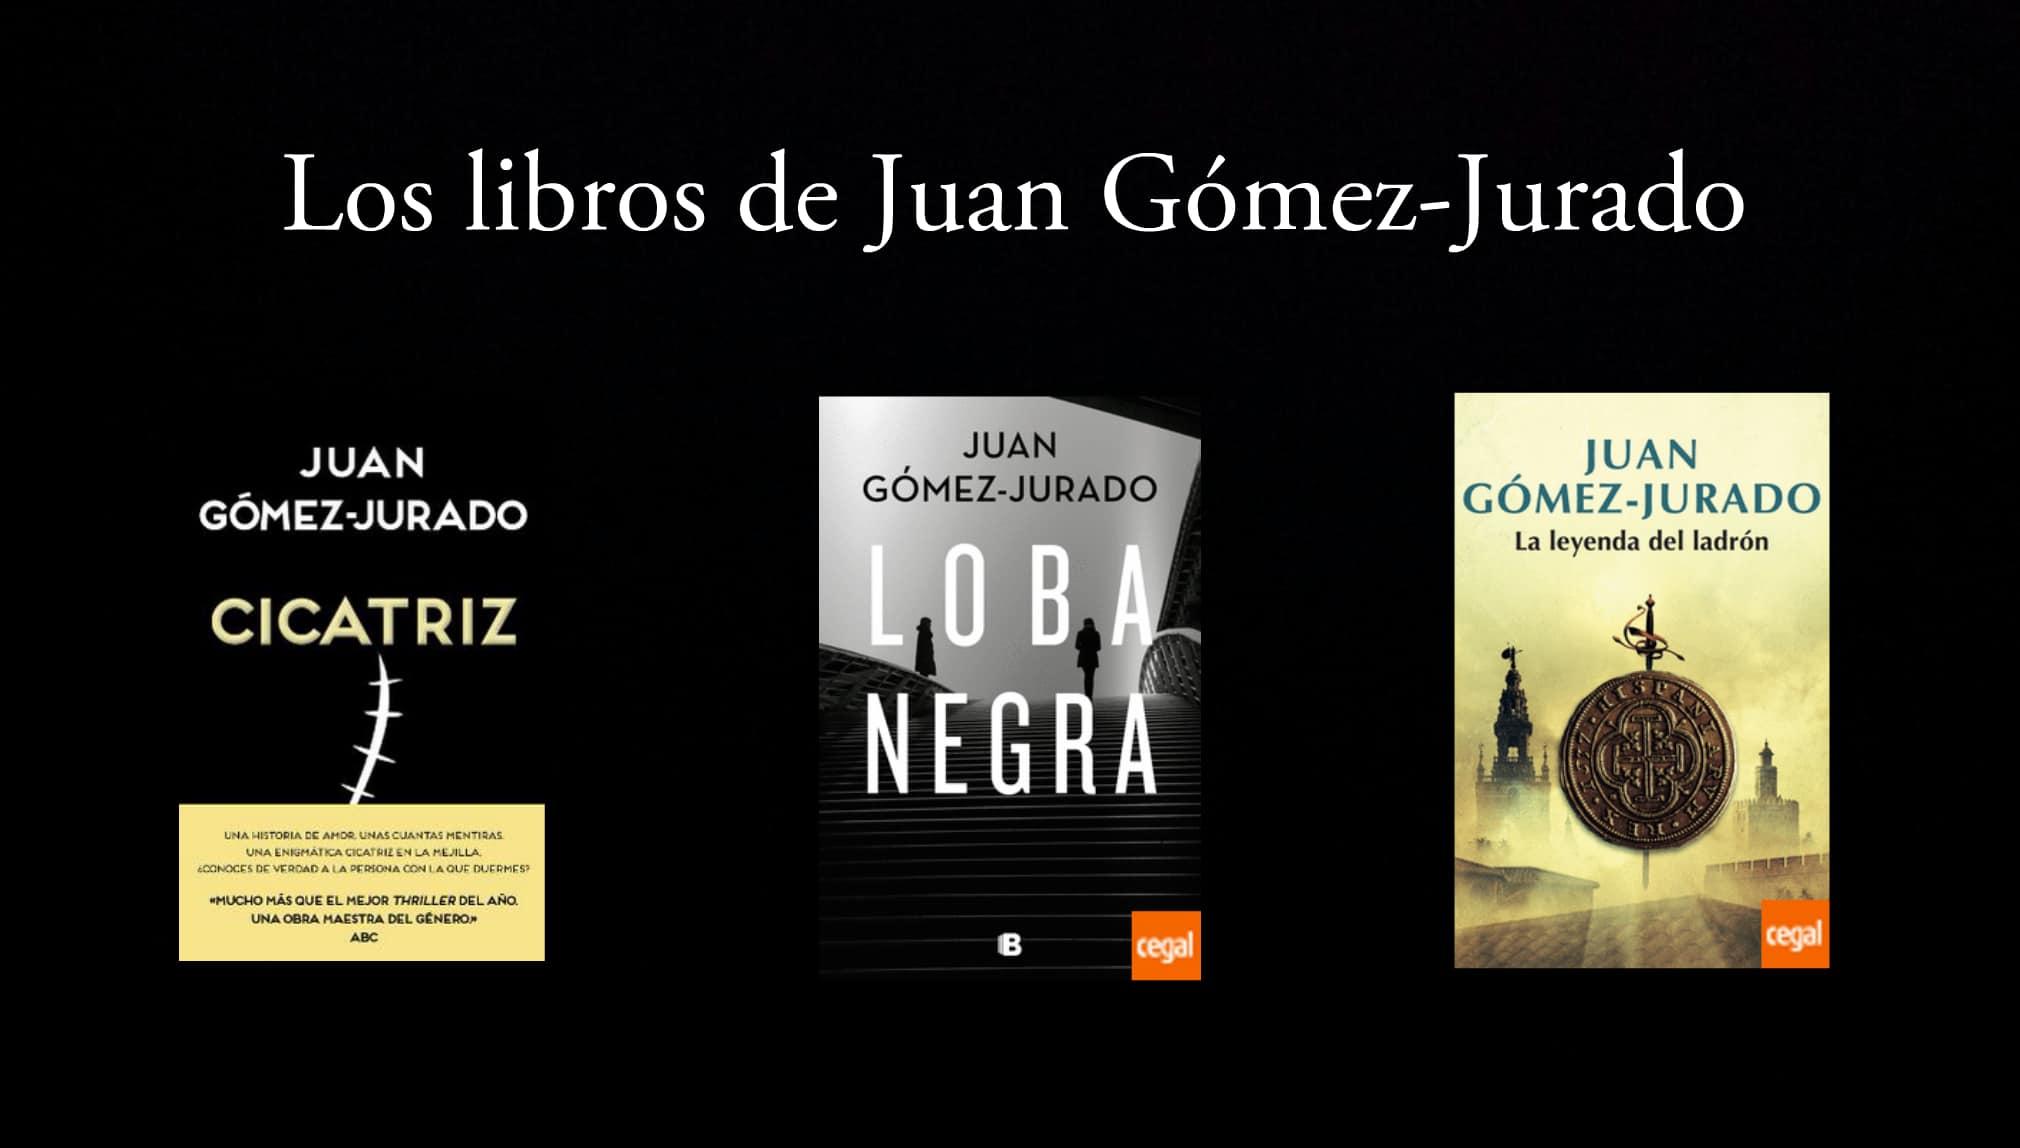 Los libros de Juan Gómez-Jurado.